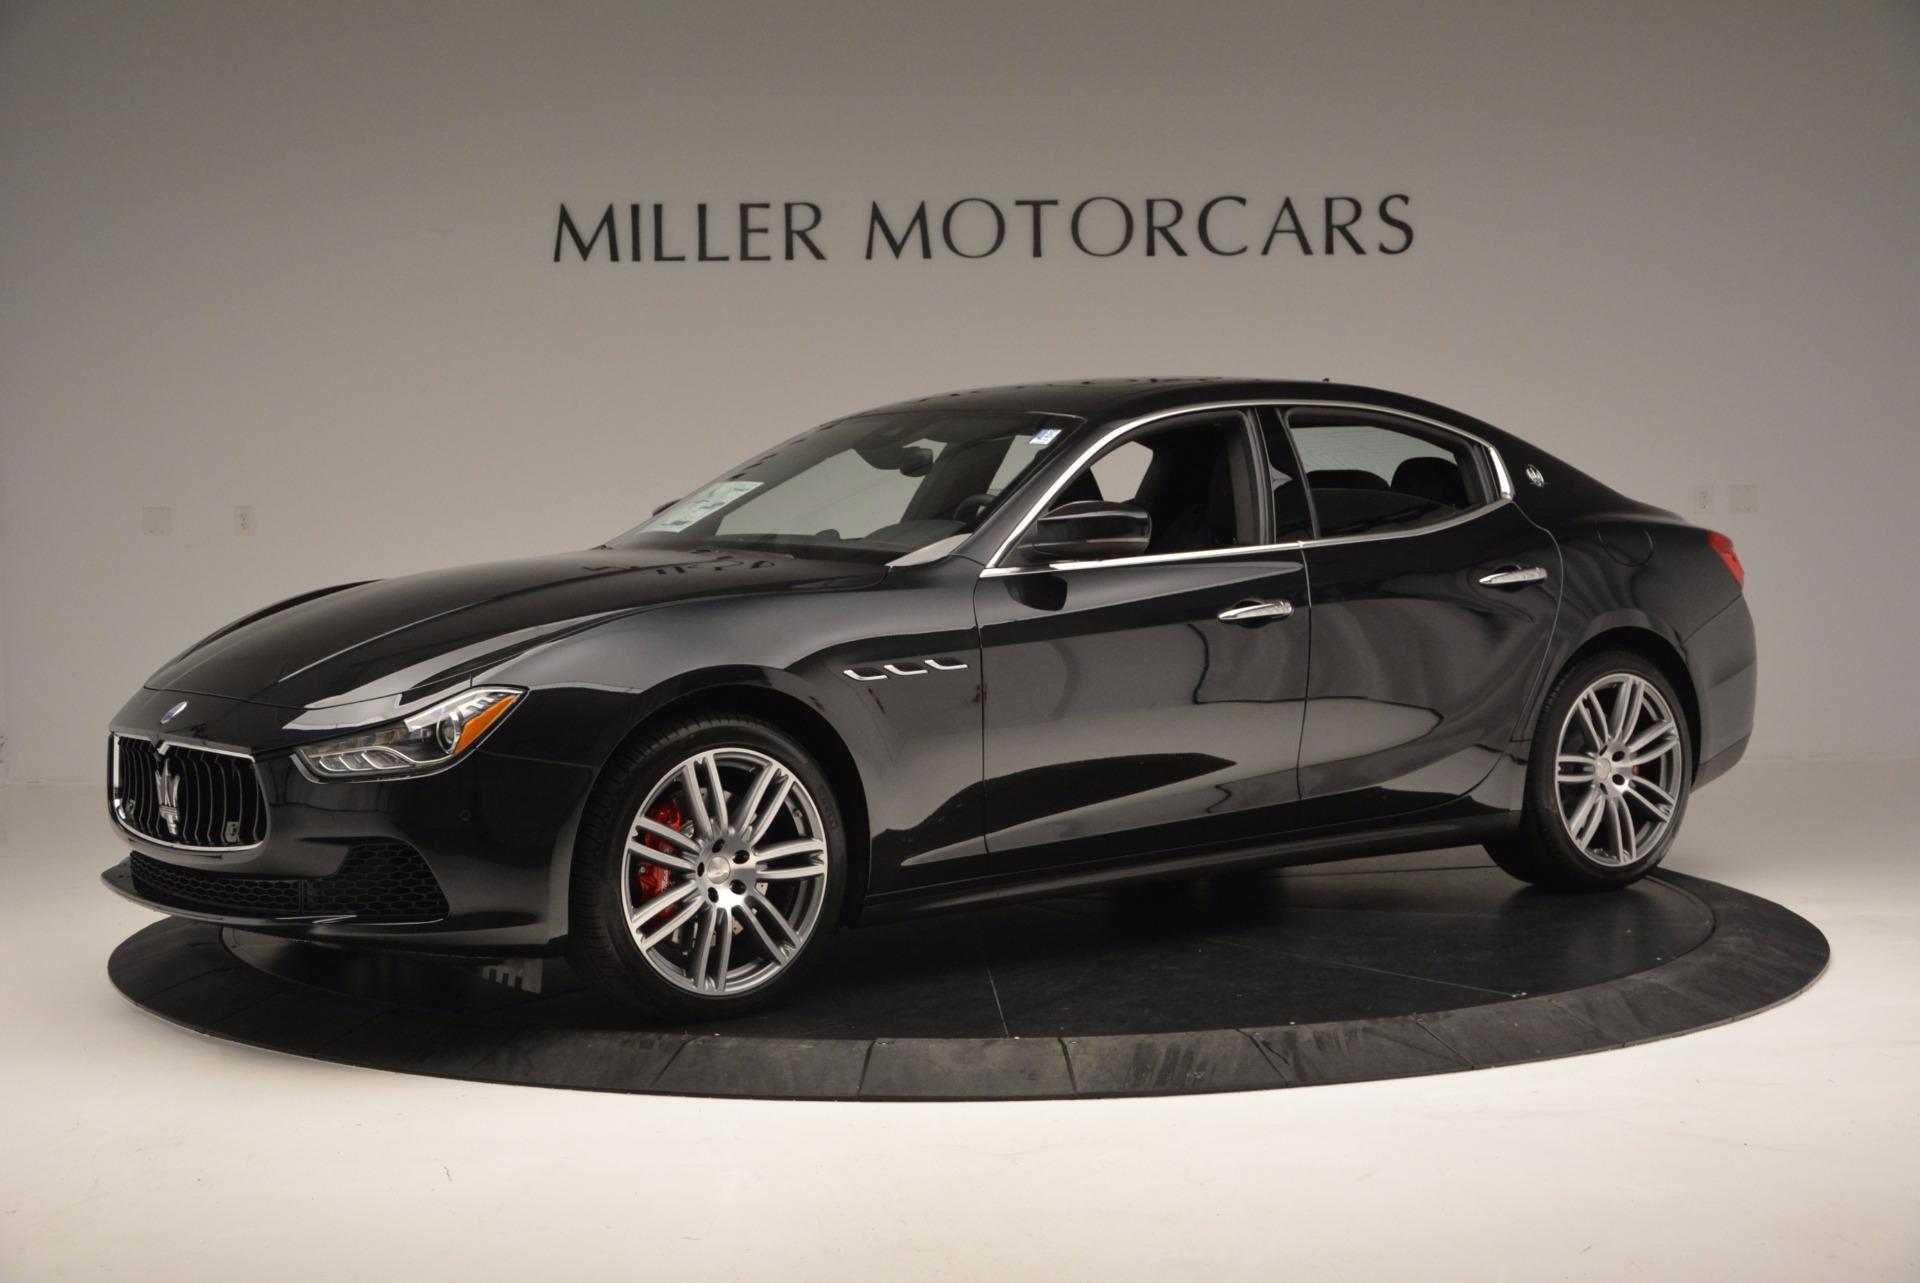 New 2017 Maserati Ghibli S Q4 For Sale In Greenwich, CT. Alfa Romeo of Greenwich, M1860 1114_p2